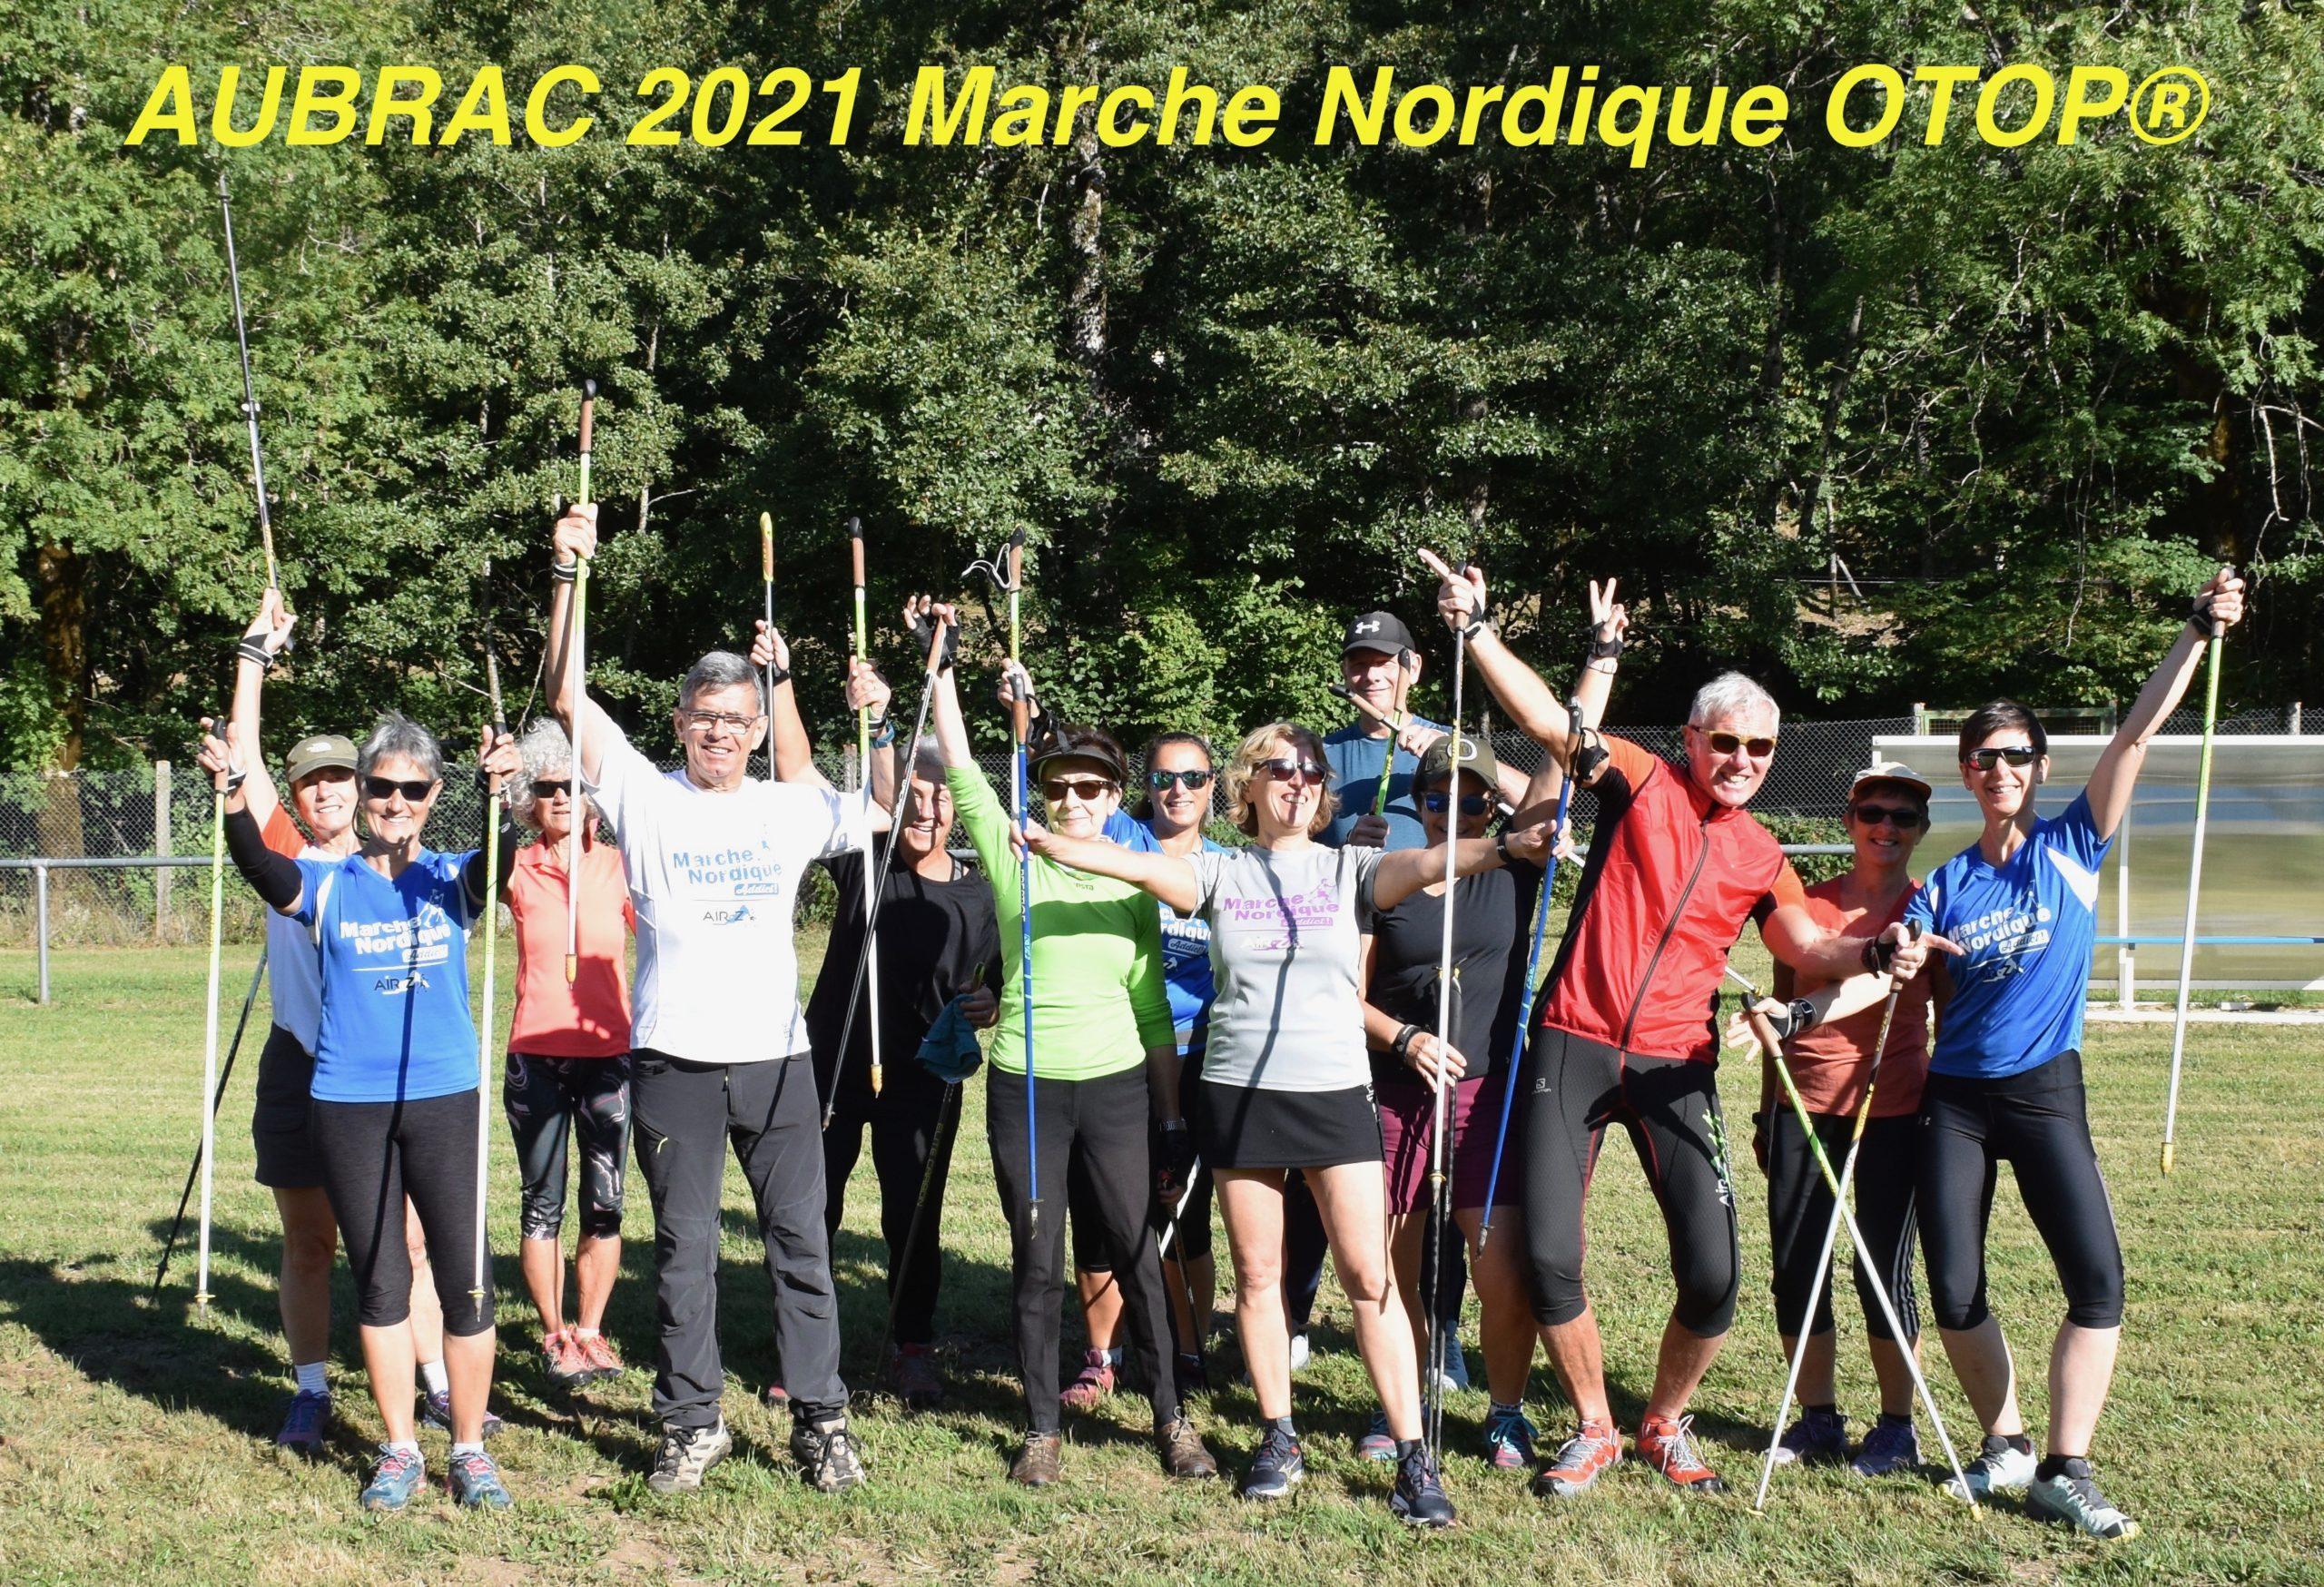 Une semaine épatante sur le beau plateau de l'Aubrac 2021 en Marche Nordique OTOP®